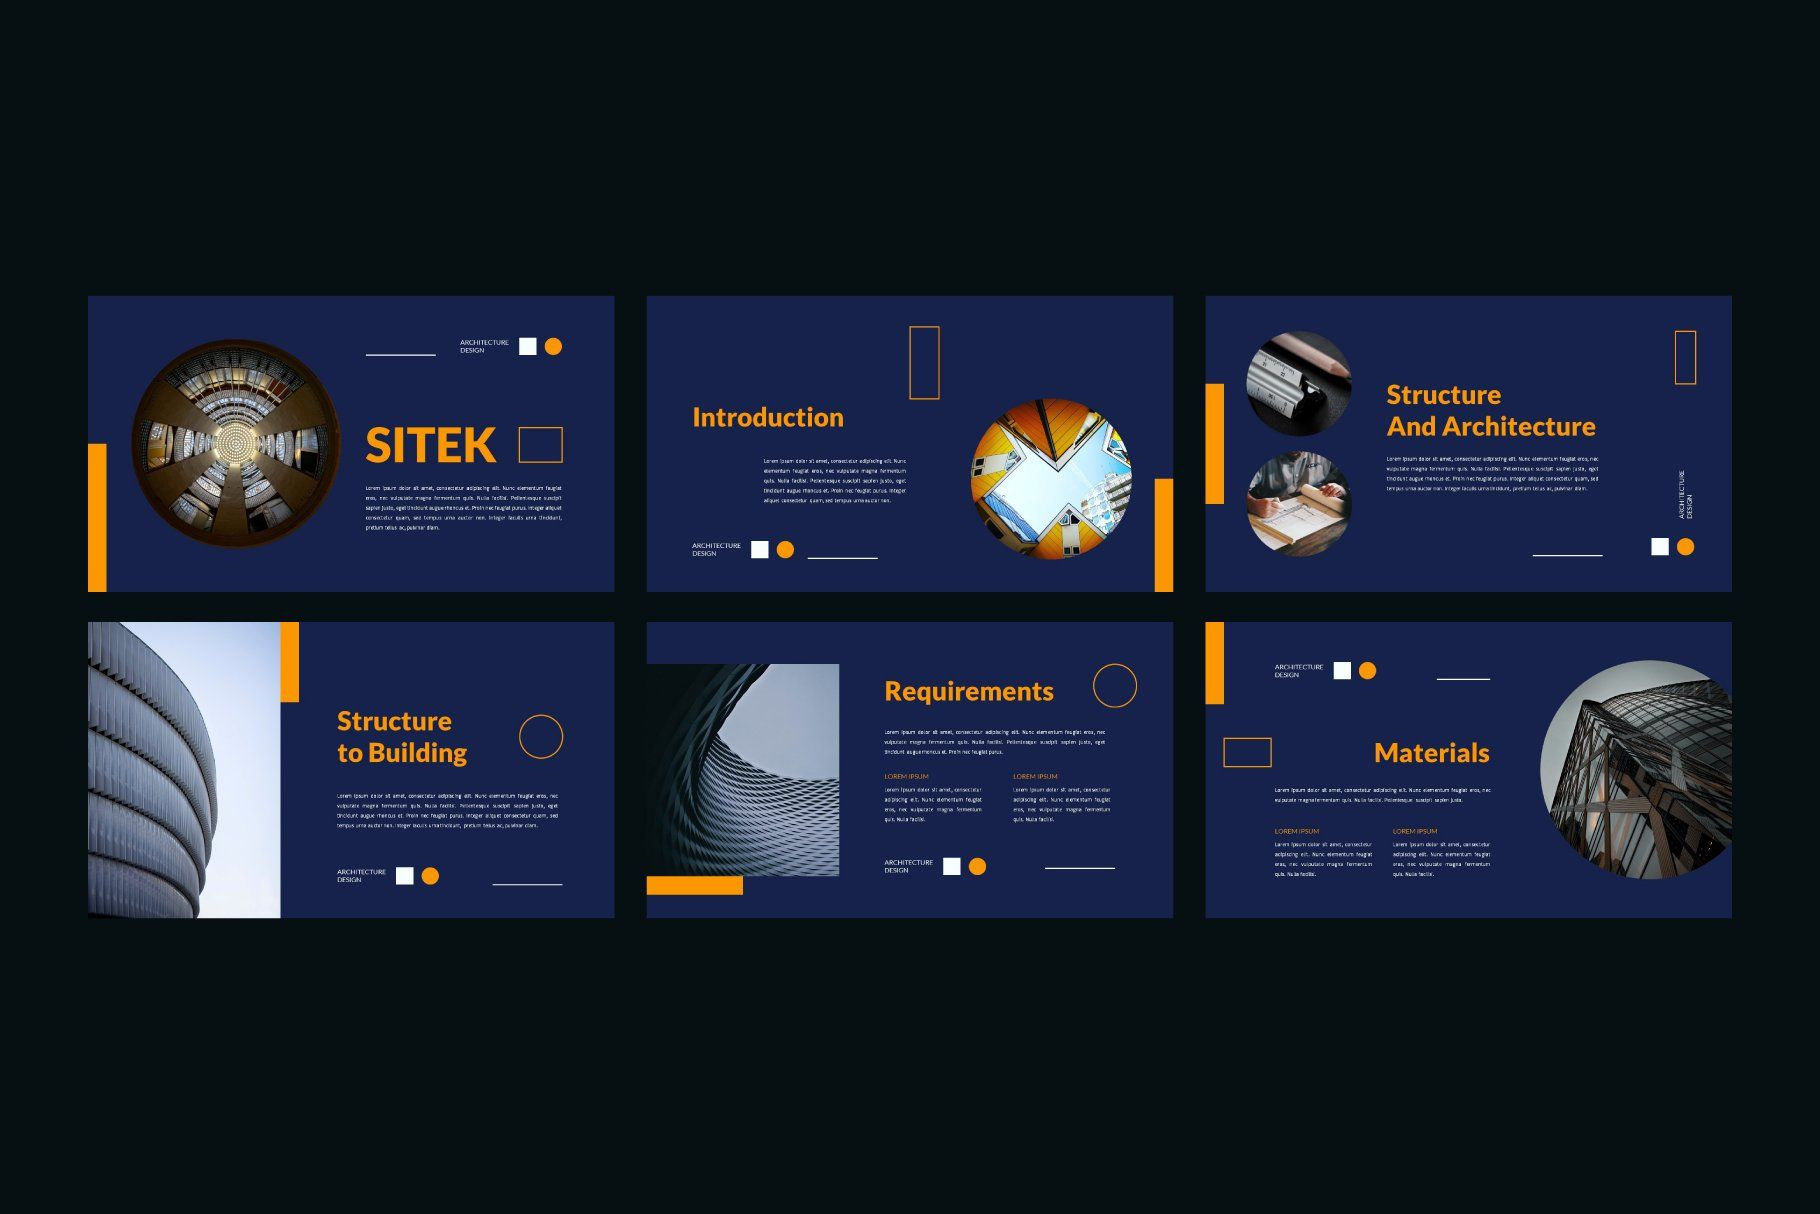 Sitek Architecture Powerpoint By Dankudraw On Creativemarket In